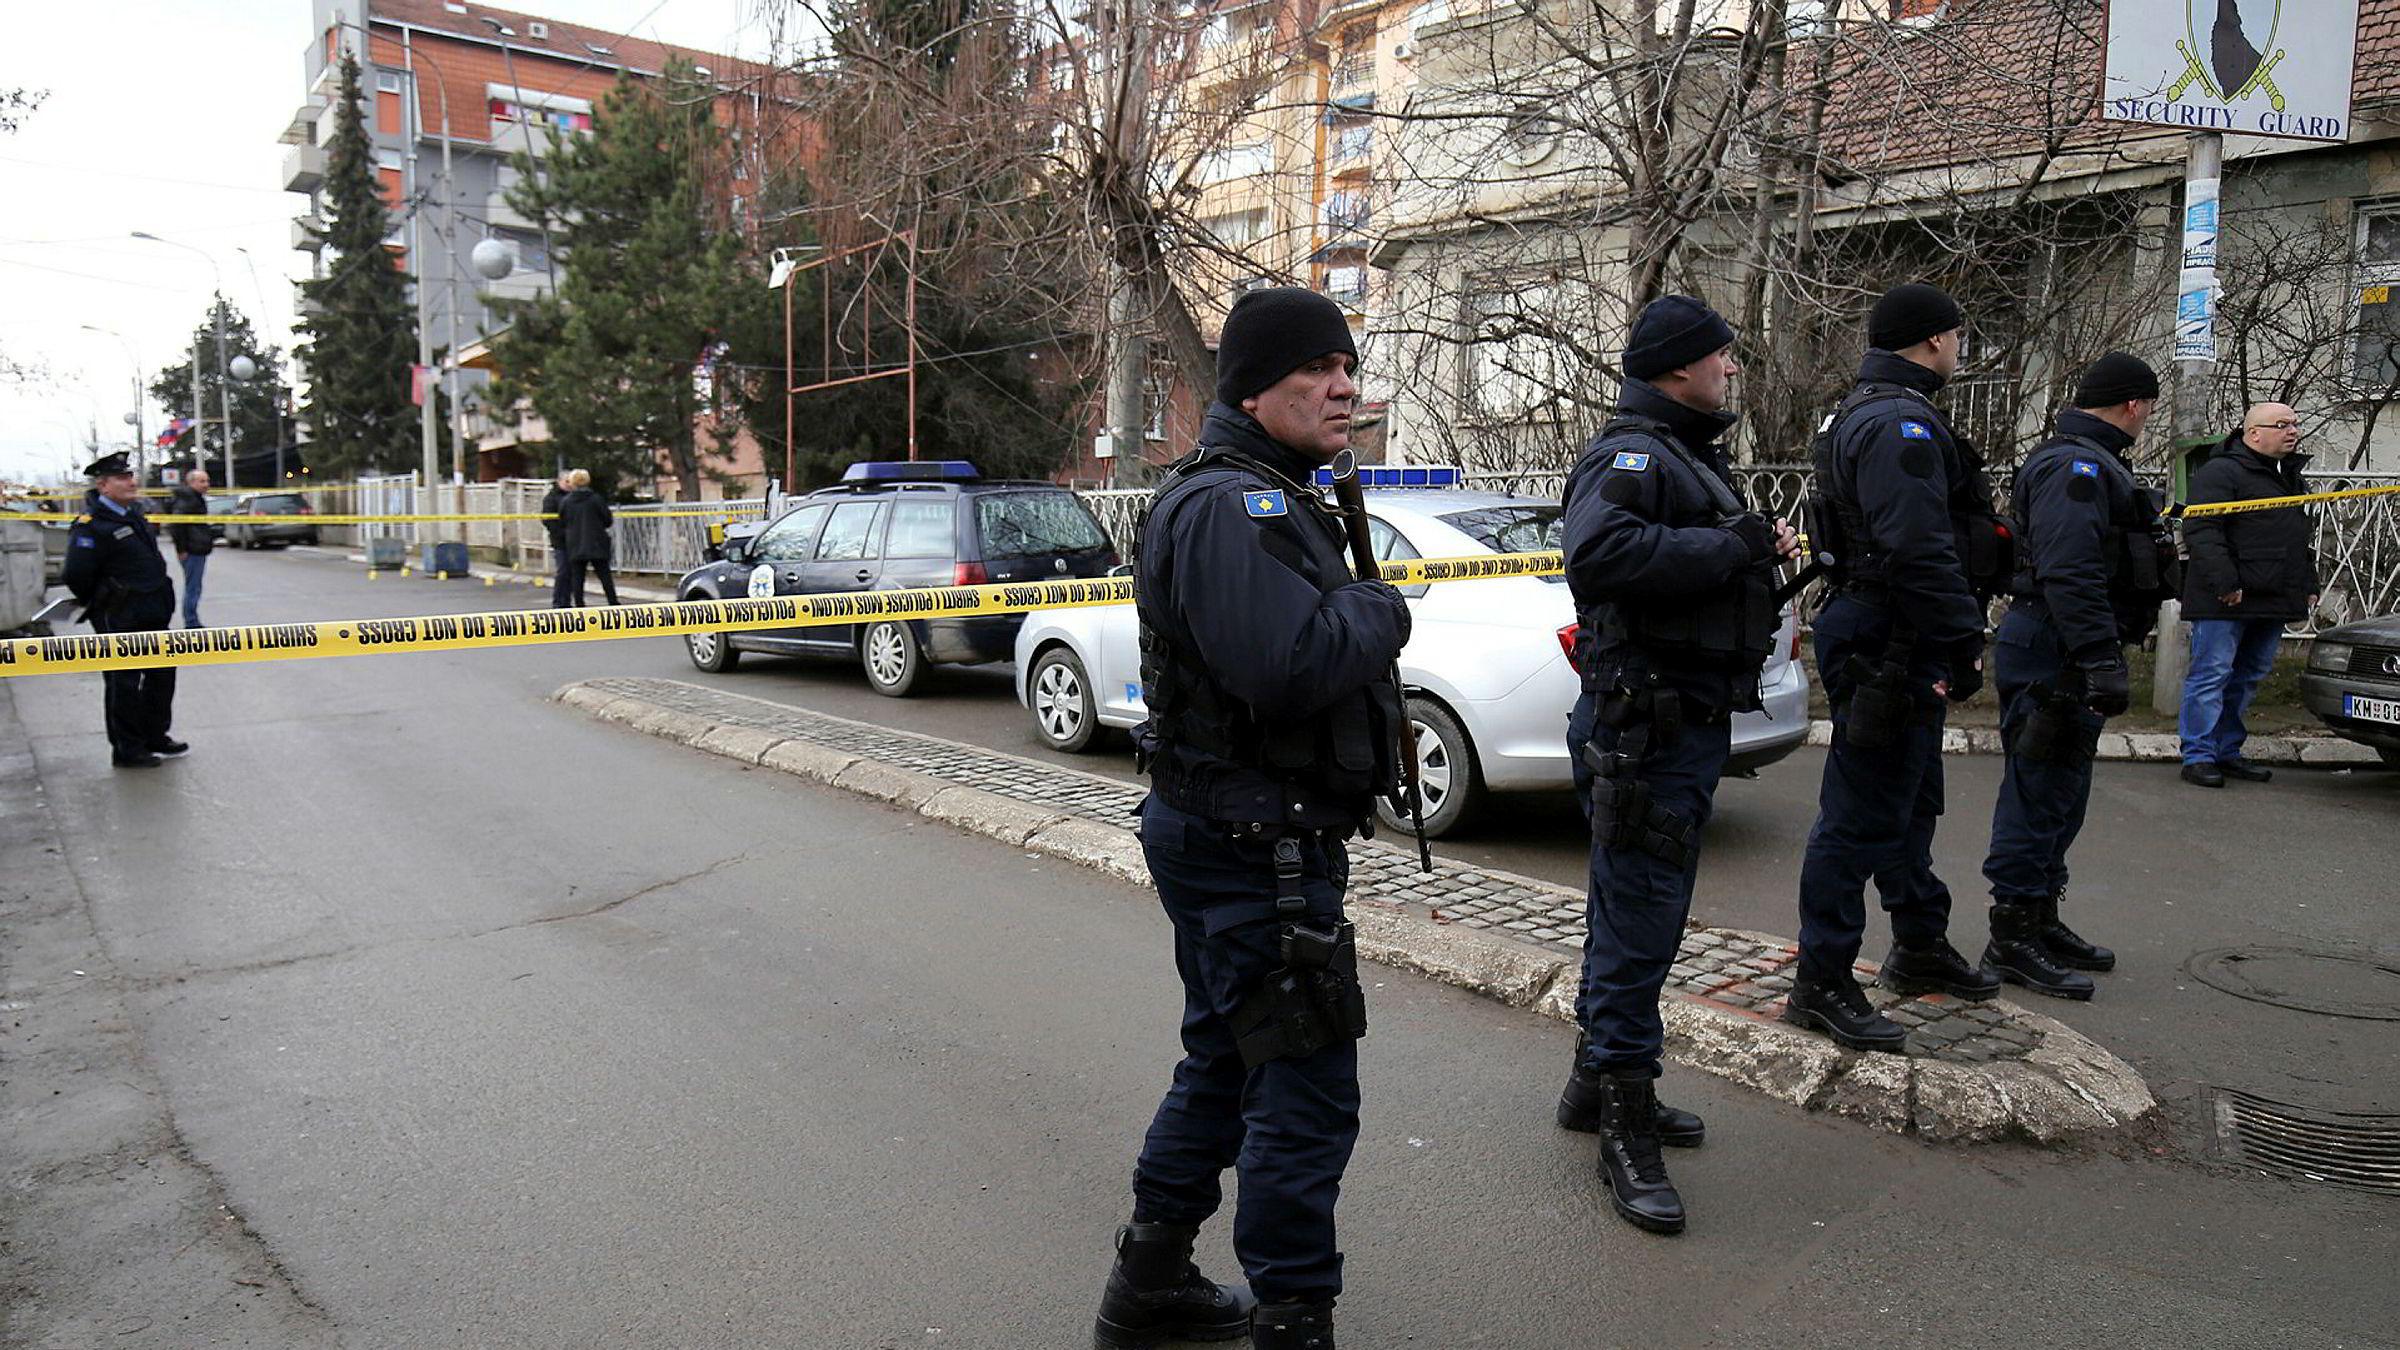 Oliver Ivanovic ble skutt av gjerningsmenn i en bil idet han ankom partikontoret tirsdag morgen..